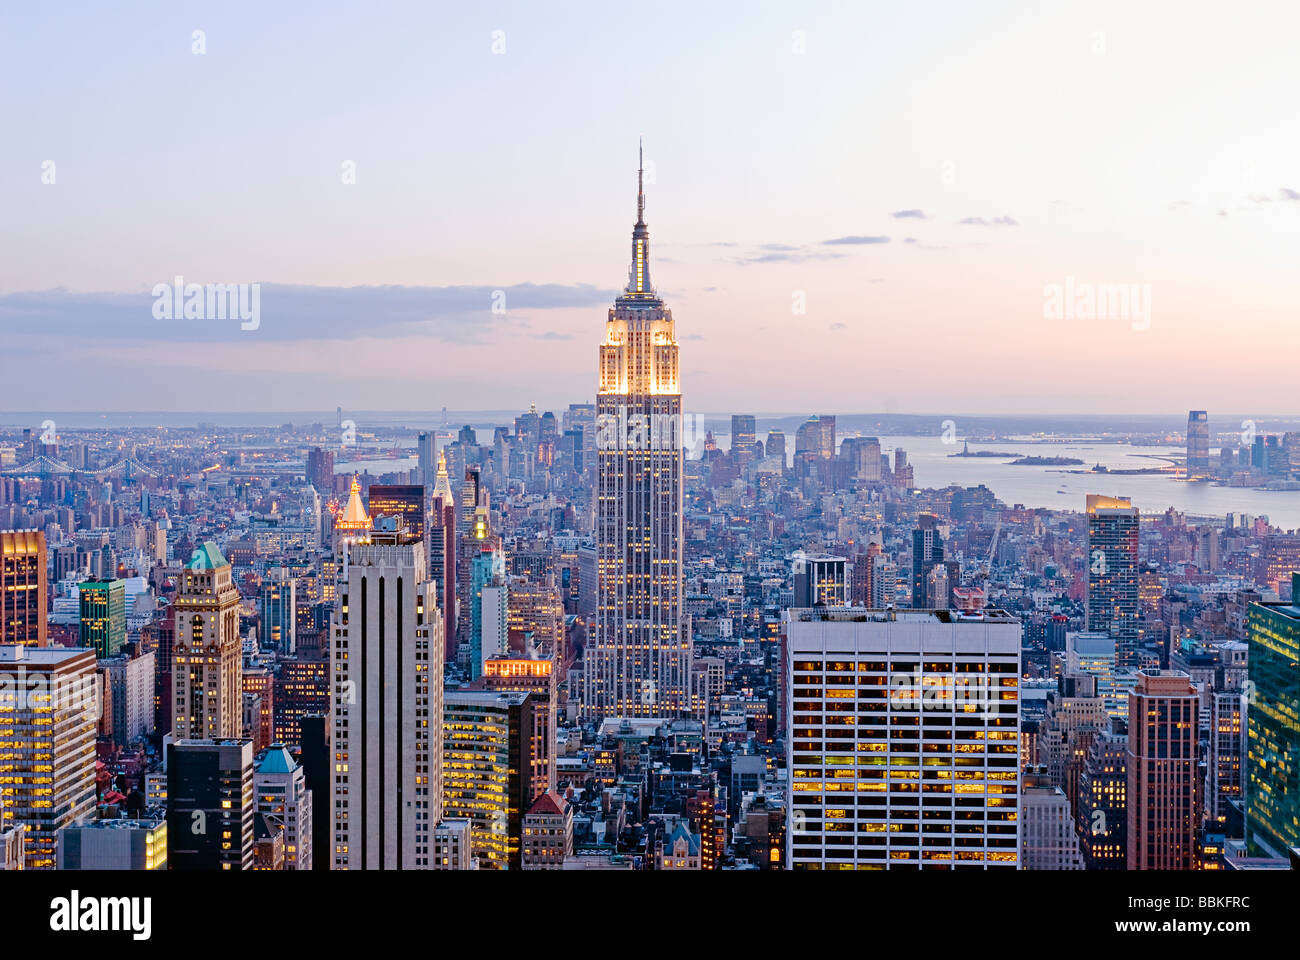 Vista aérea de la silueta de Manhattan con el Empire State Building, la ciudad de Nueva York. Imagen De Stock